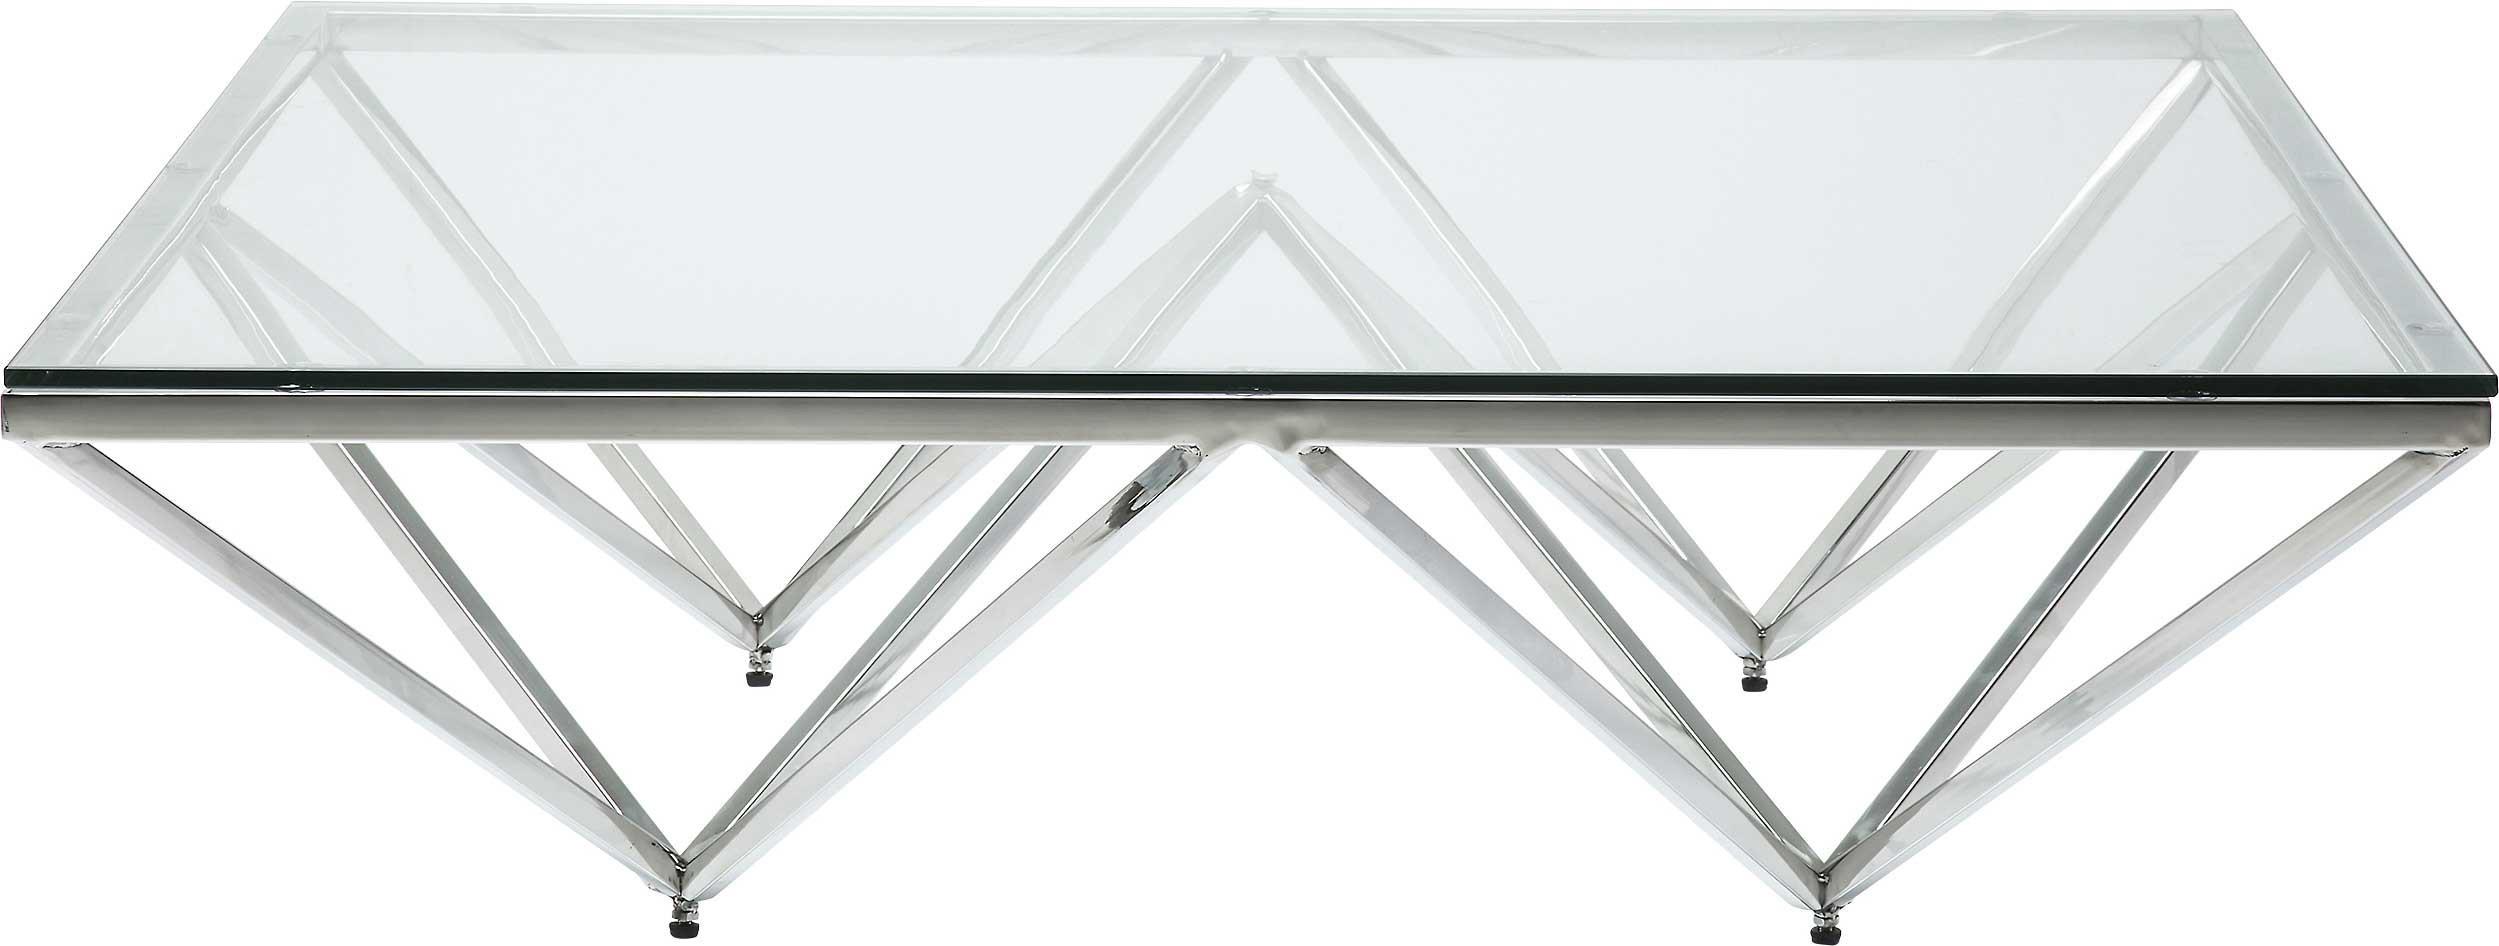 Table basse carrée en acier argenté et verre